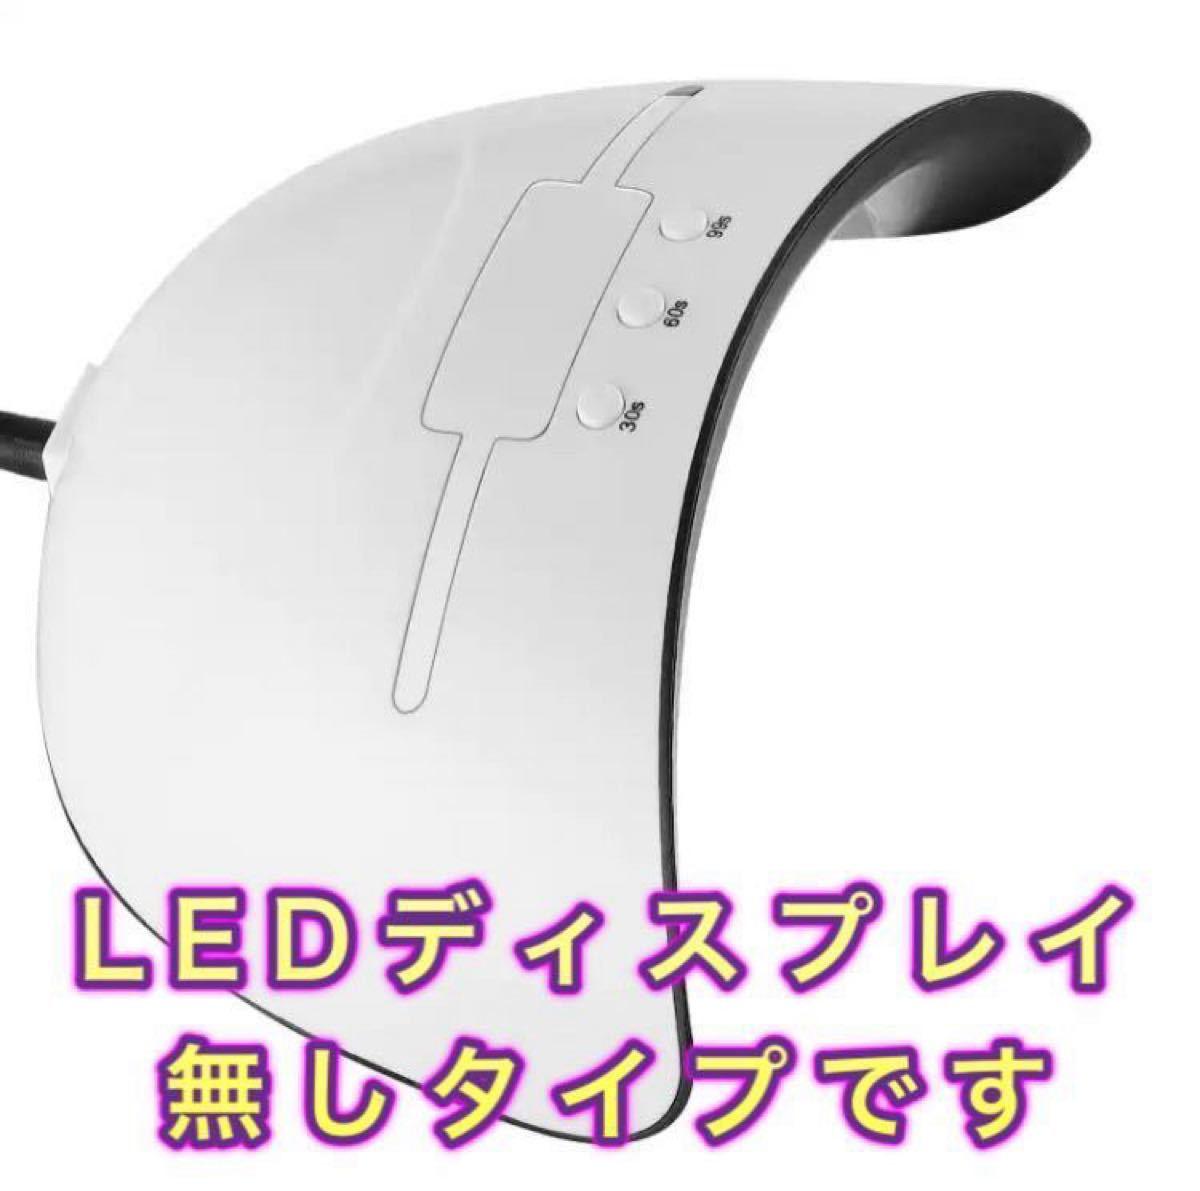 ネイルライトランプ 36W ホワイト ドーム型 タイマー機能 USB給電